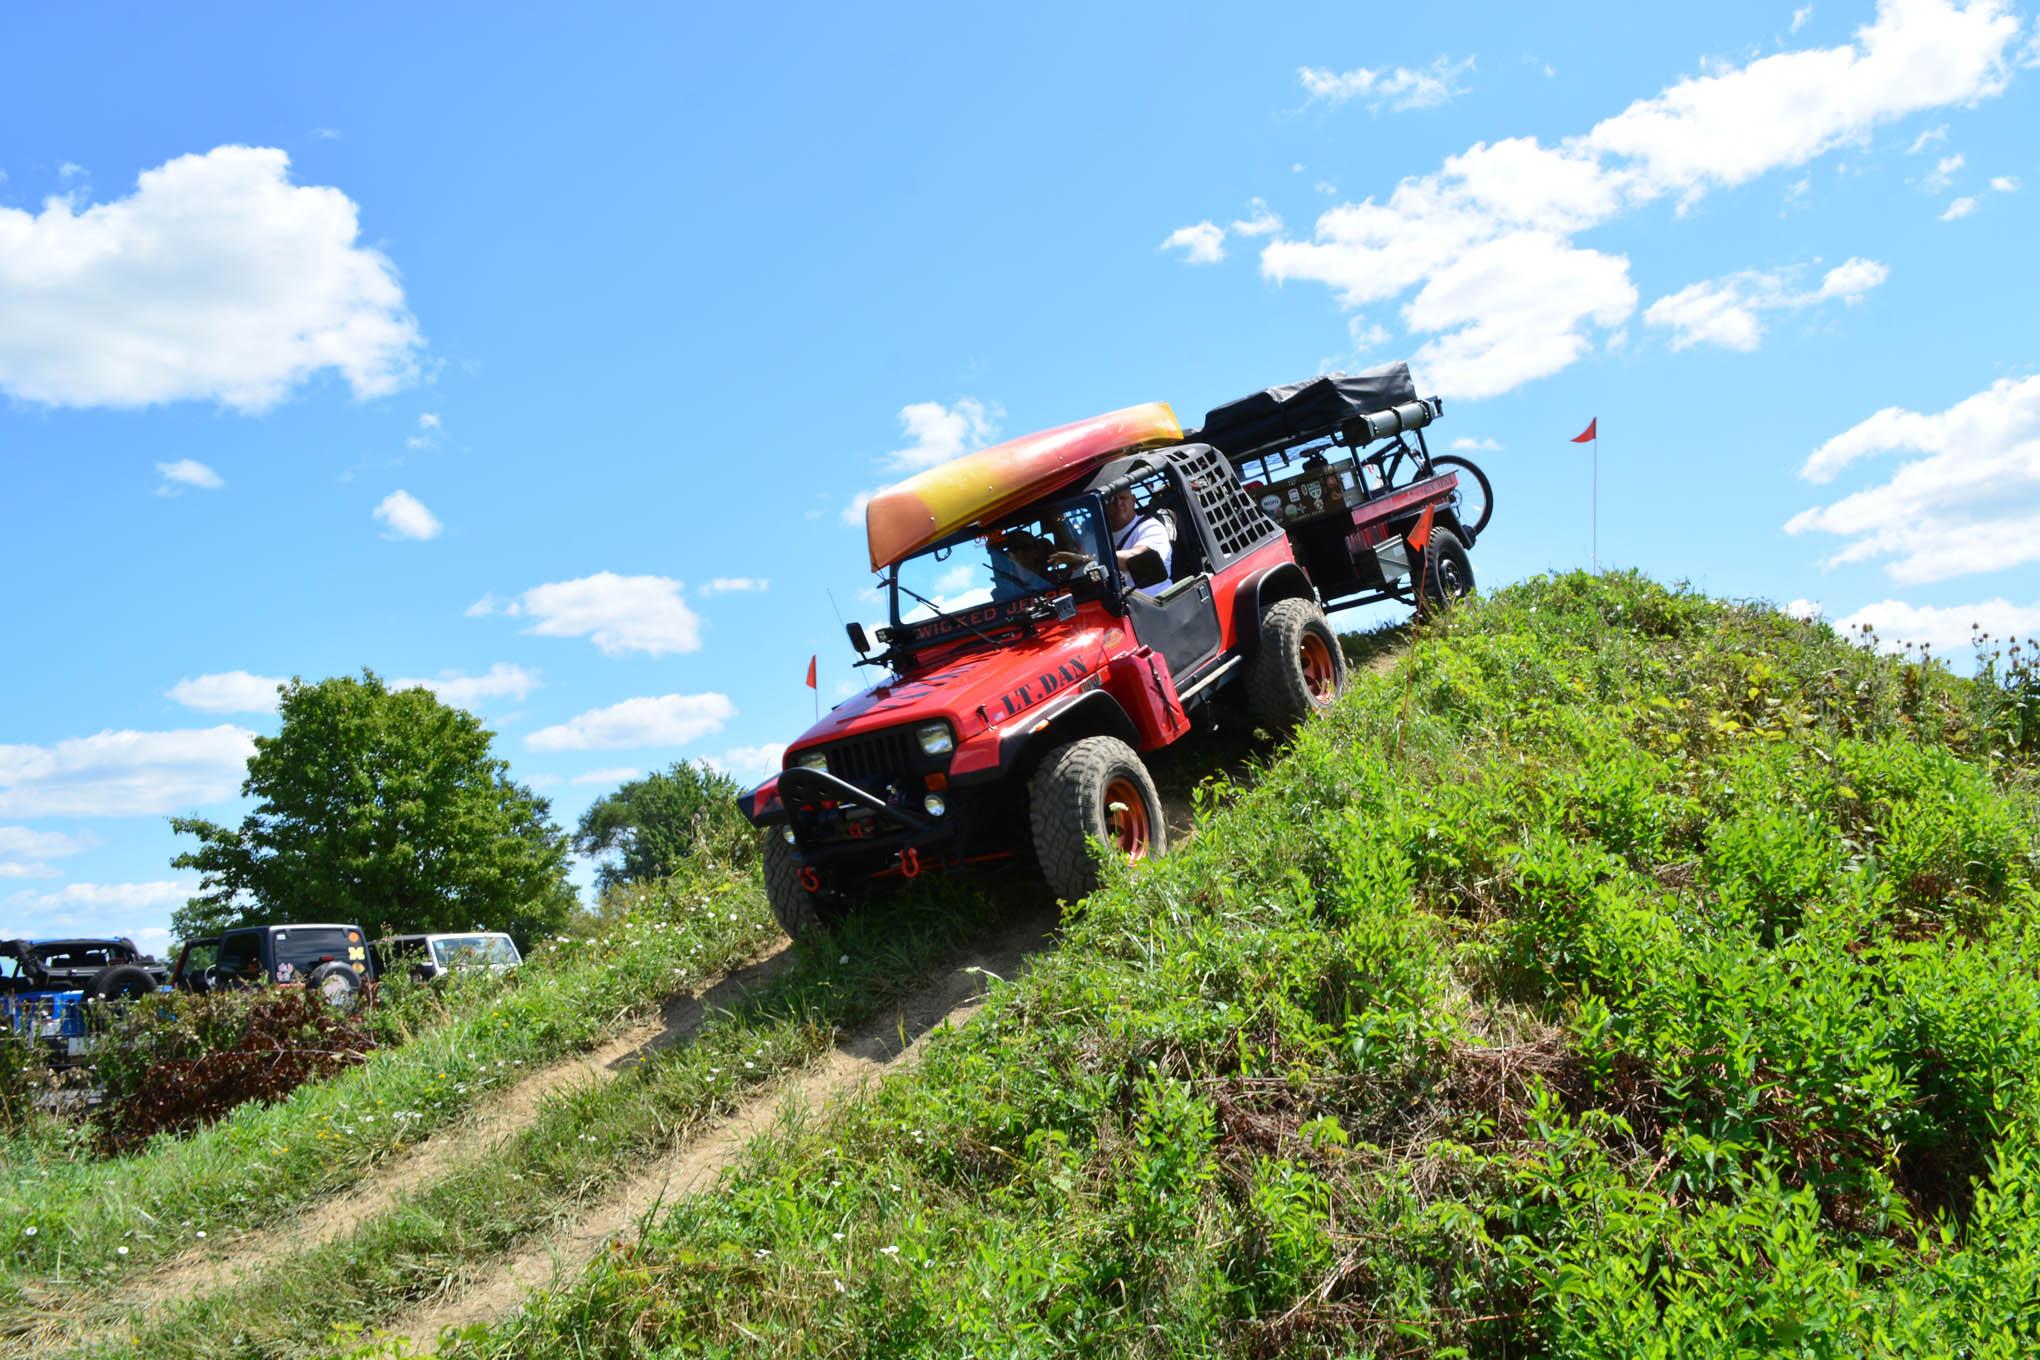 048 toledo jeep fest obstacle overlander